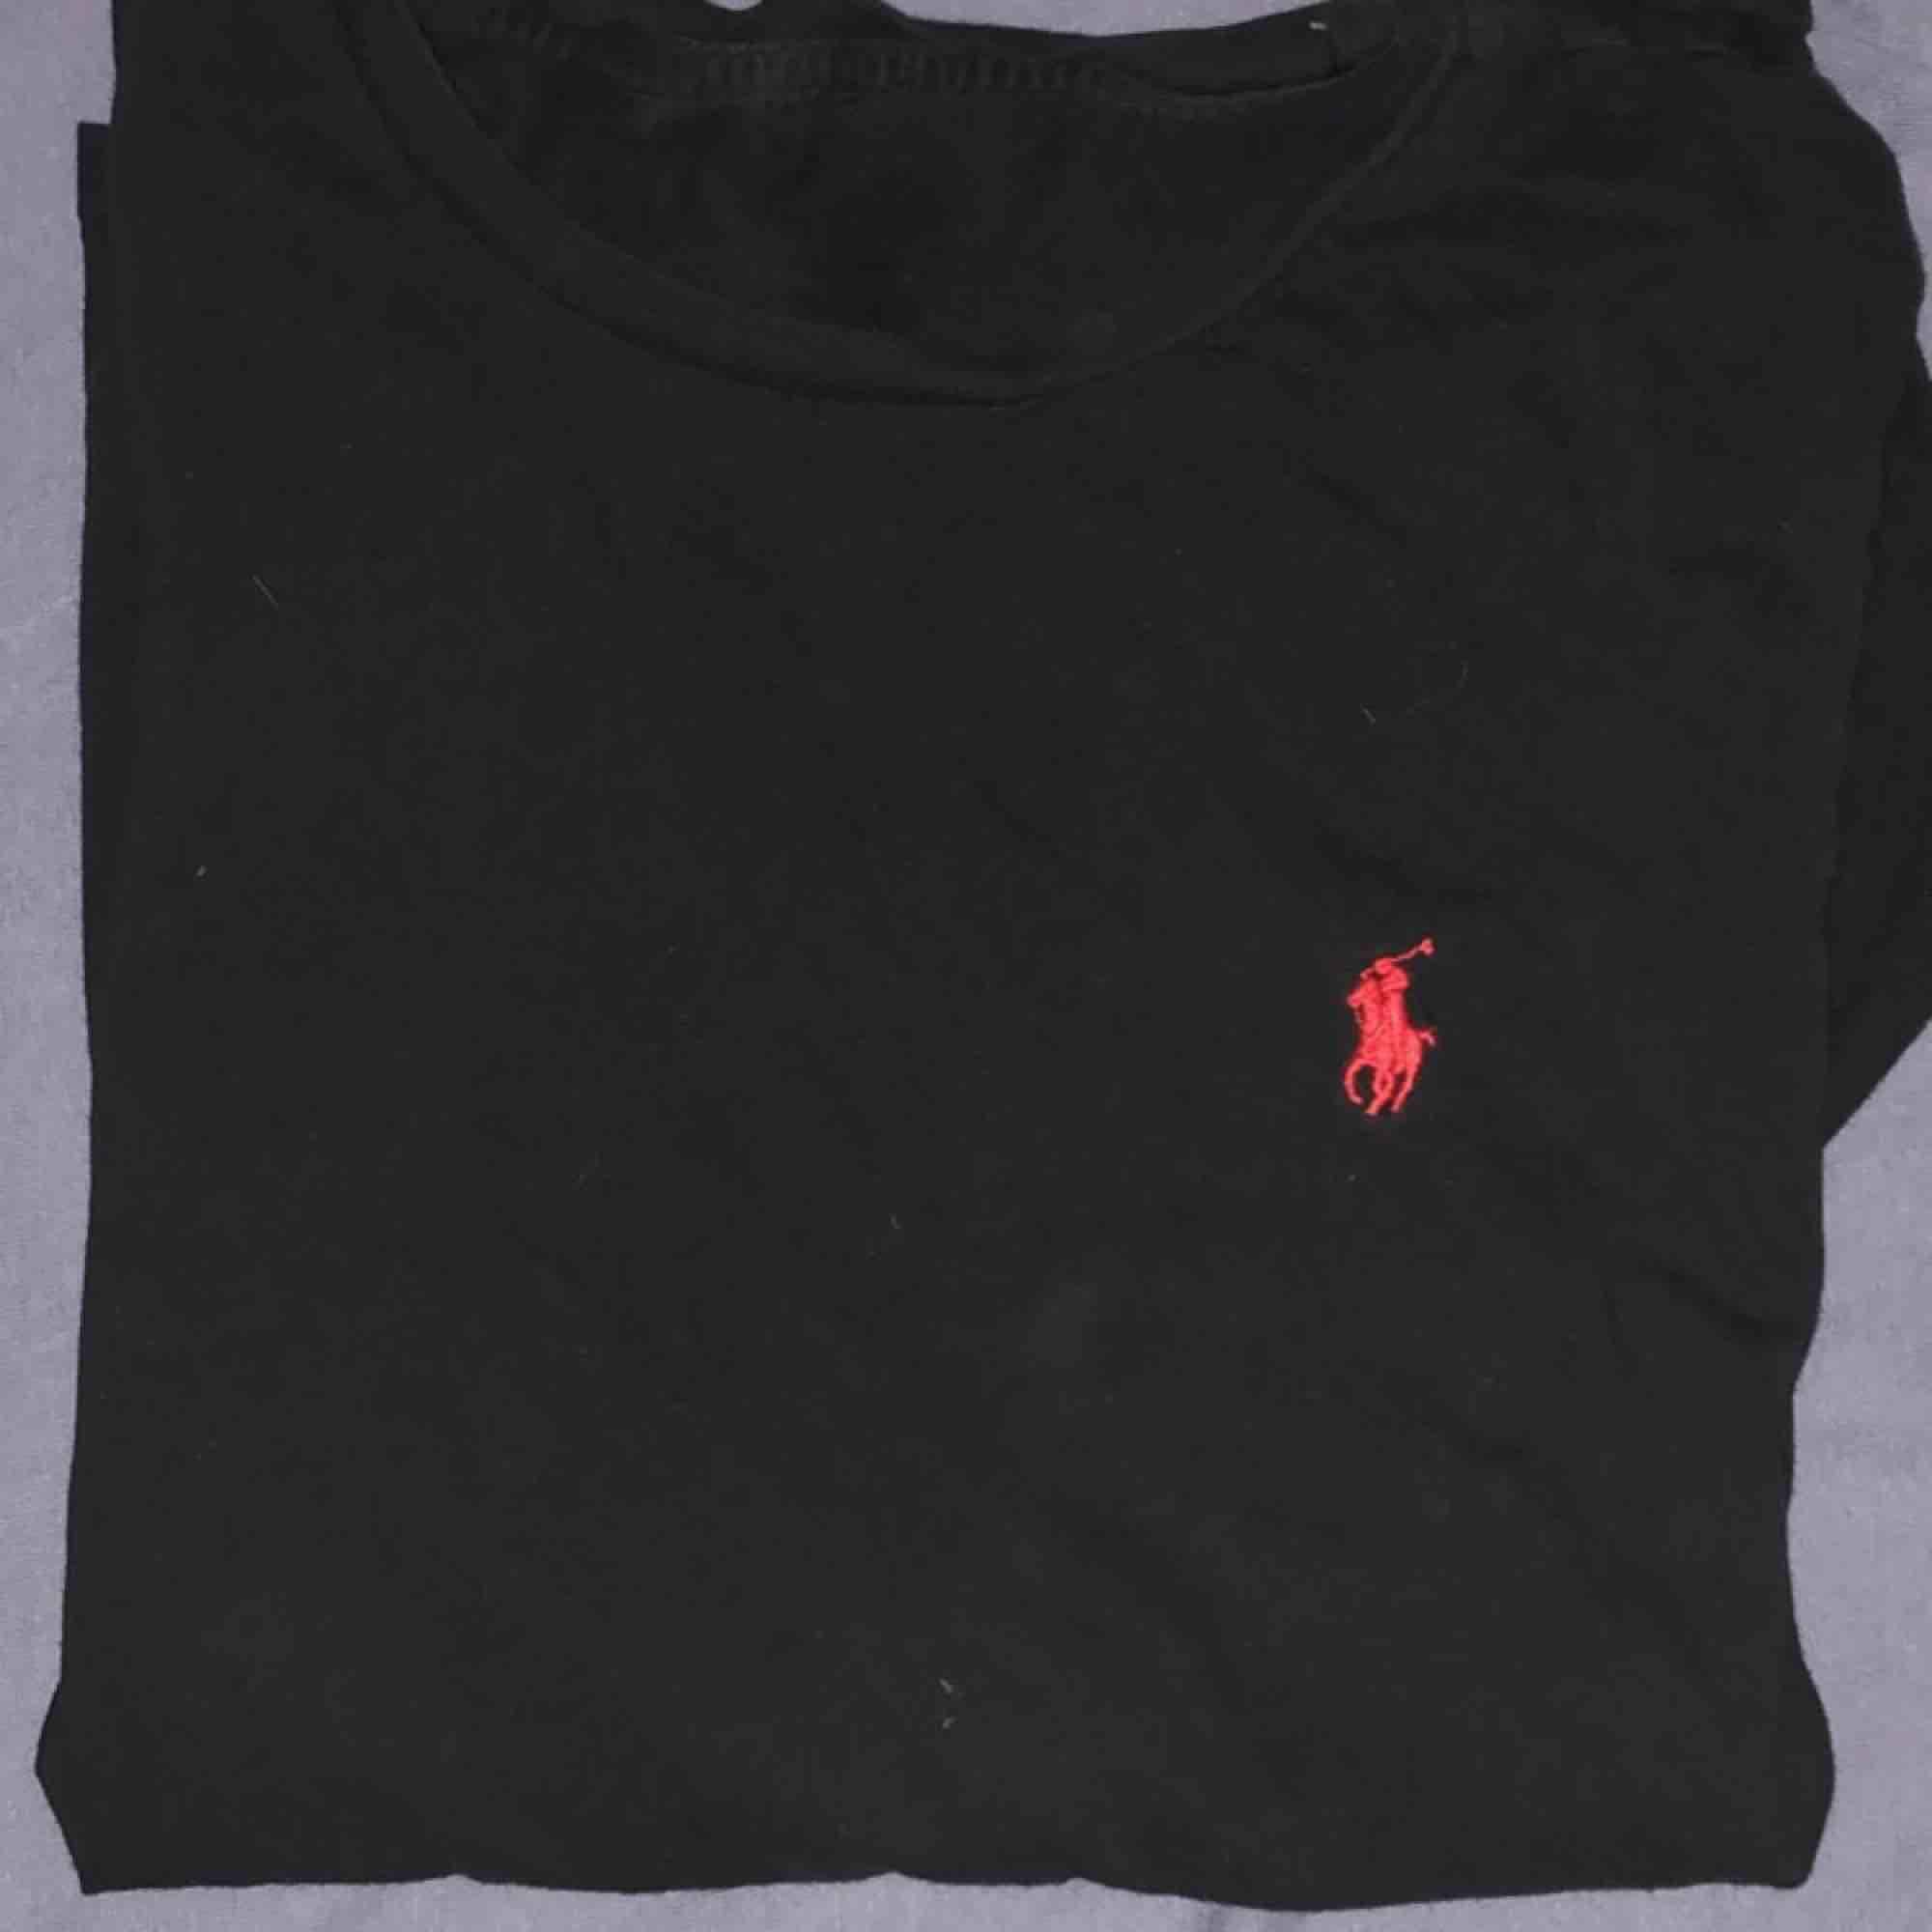 fin svart ralph lauren tröja osäker på storlek men kanske small-liten medium. Skjortor.